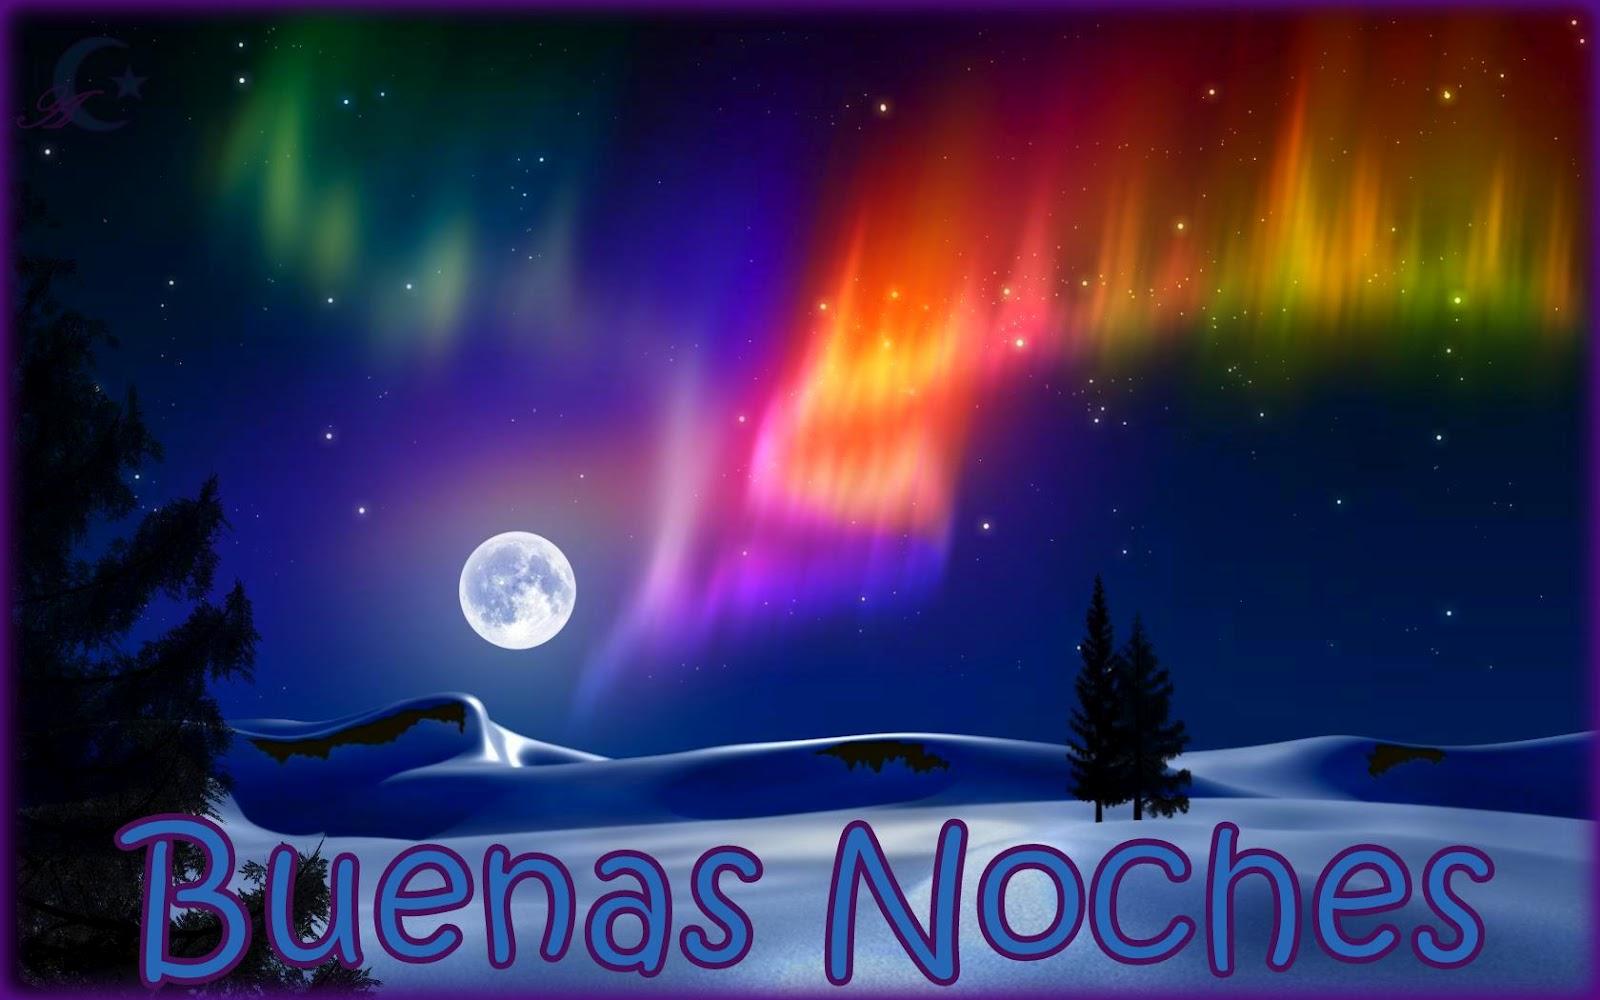 bBuenas noches chicos - Página 2 93+BUENAS+NOCHES-L165